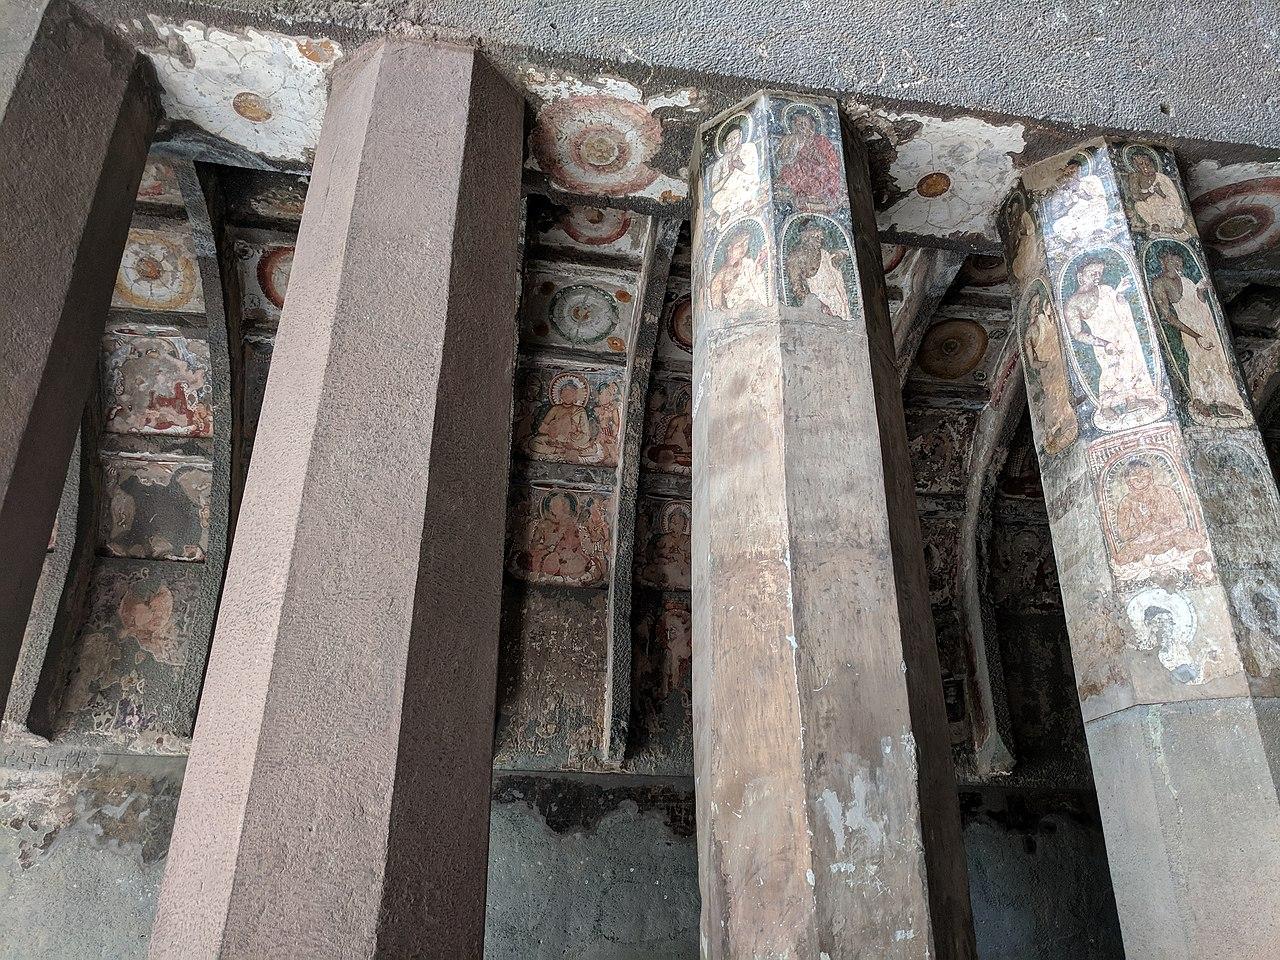 Paintings inside Cave No. 10 at Ajanta